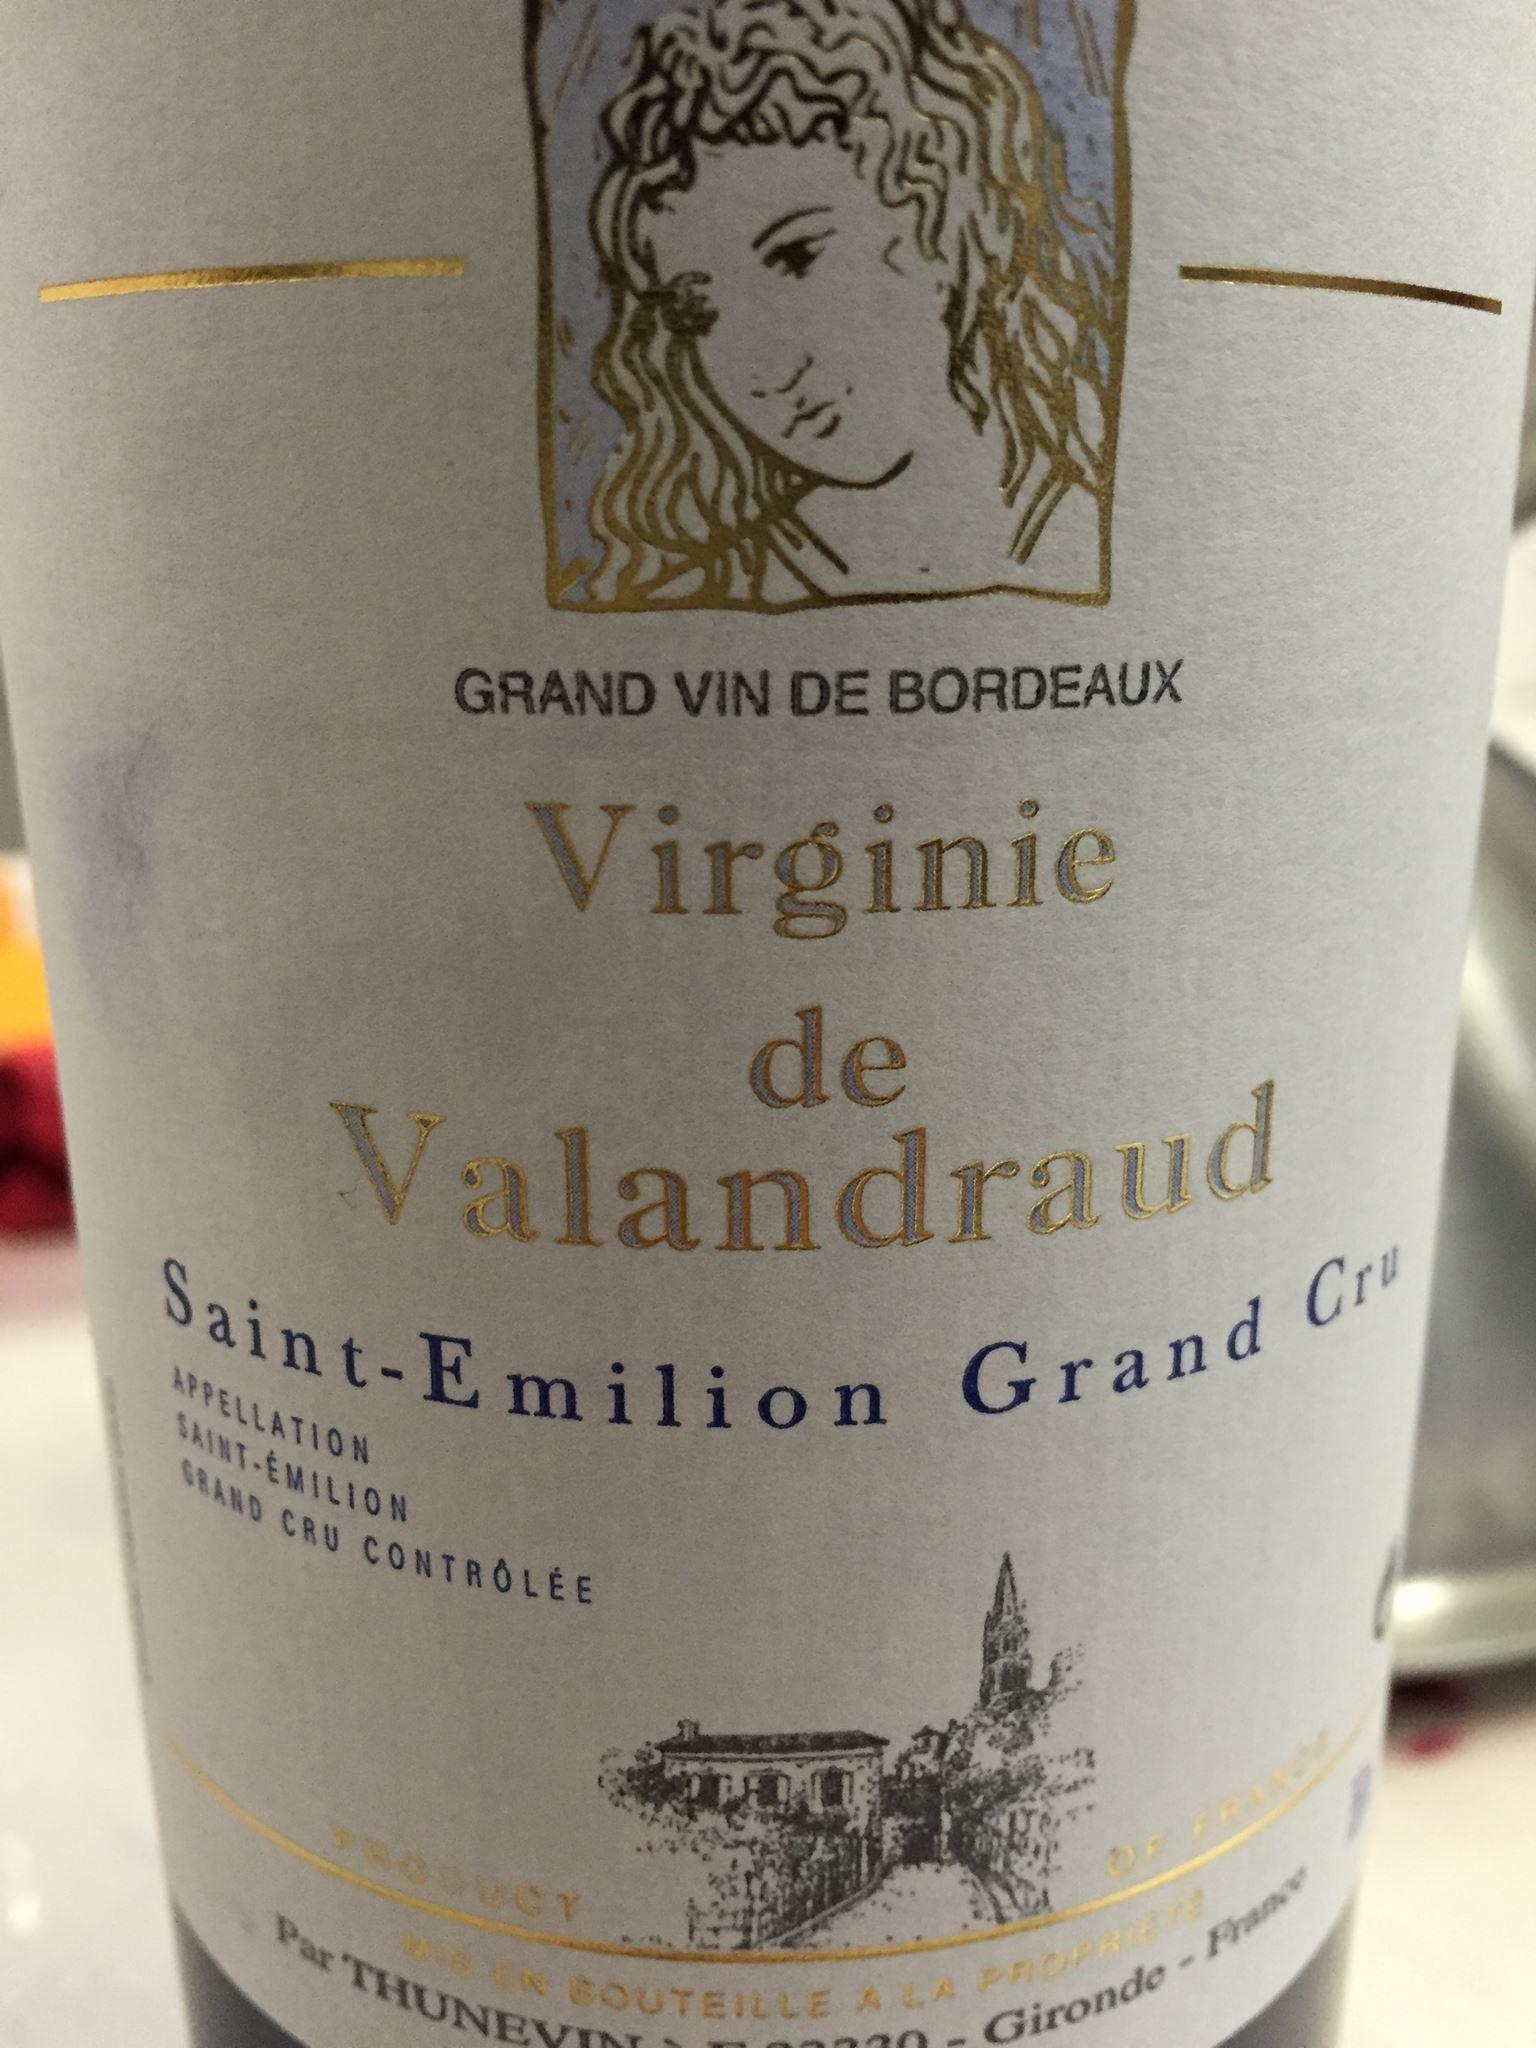 Virginie de Valandraud 2015 – Saint-Emilion Grand Cru